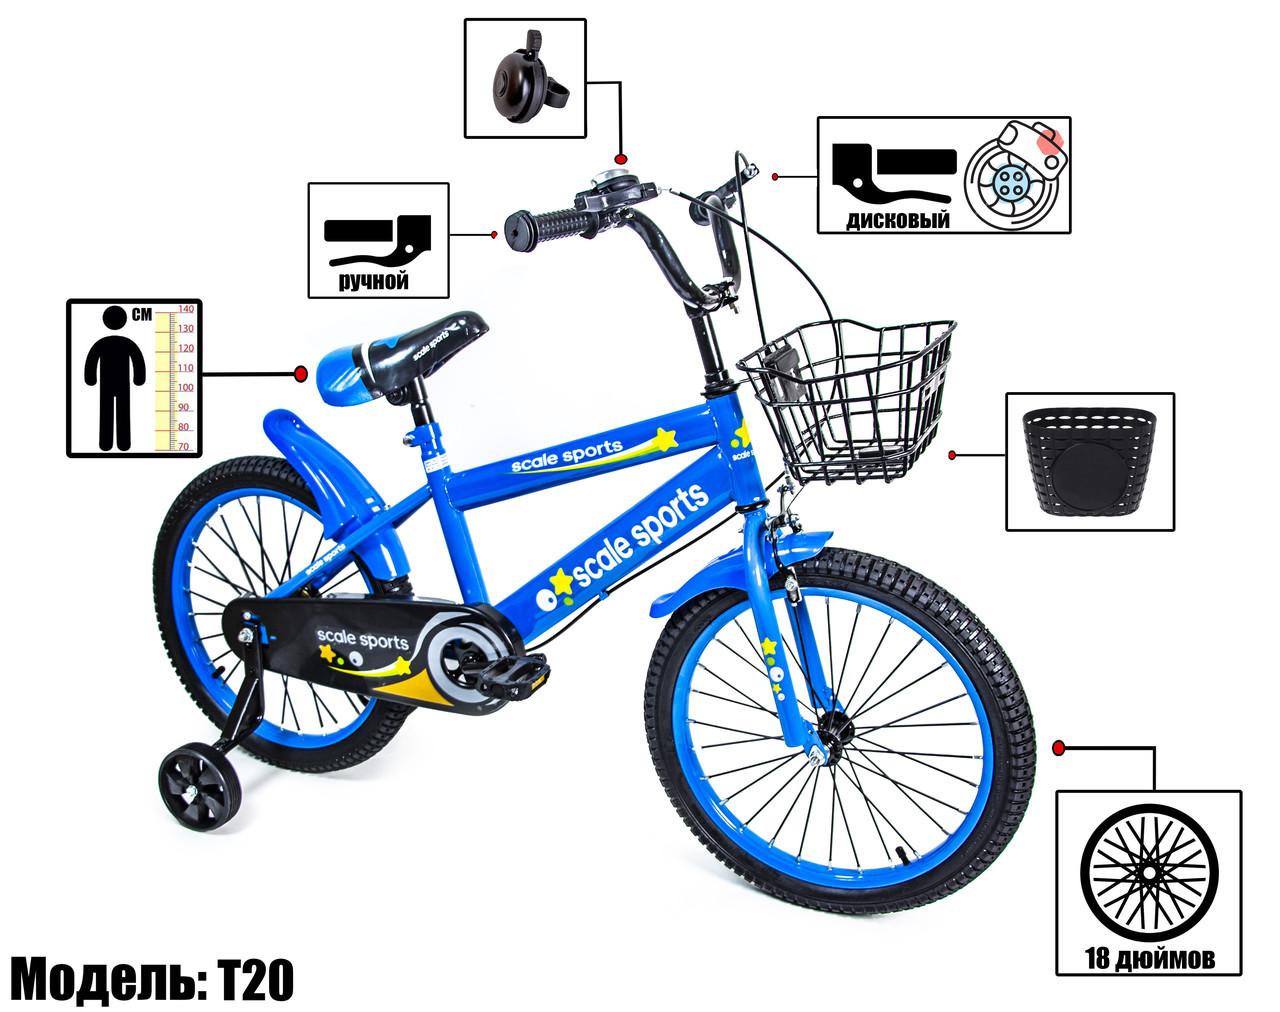 """Велосипед 18 """"Scale Sports"""" Синий T20, Ручной и Дисковый Тормоз"""